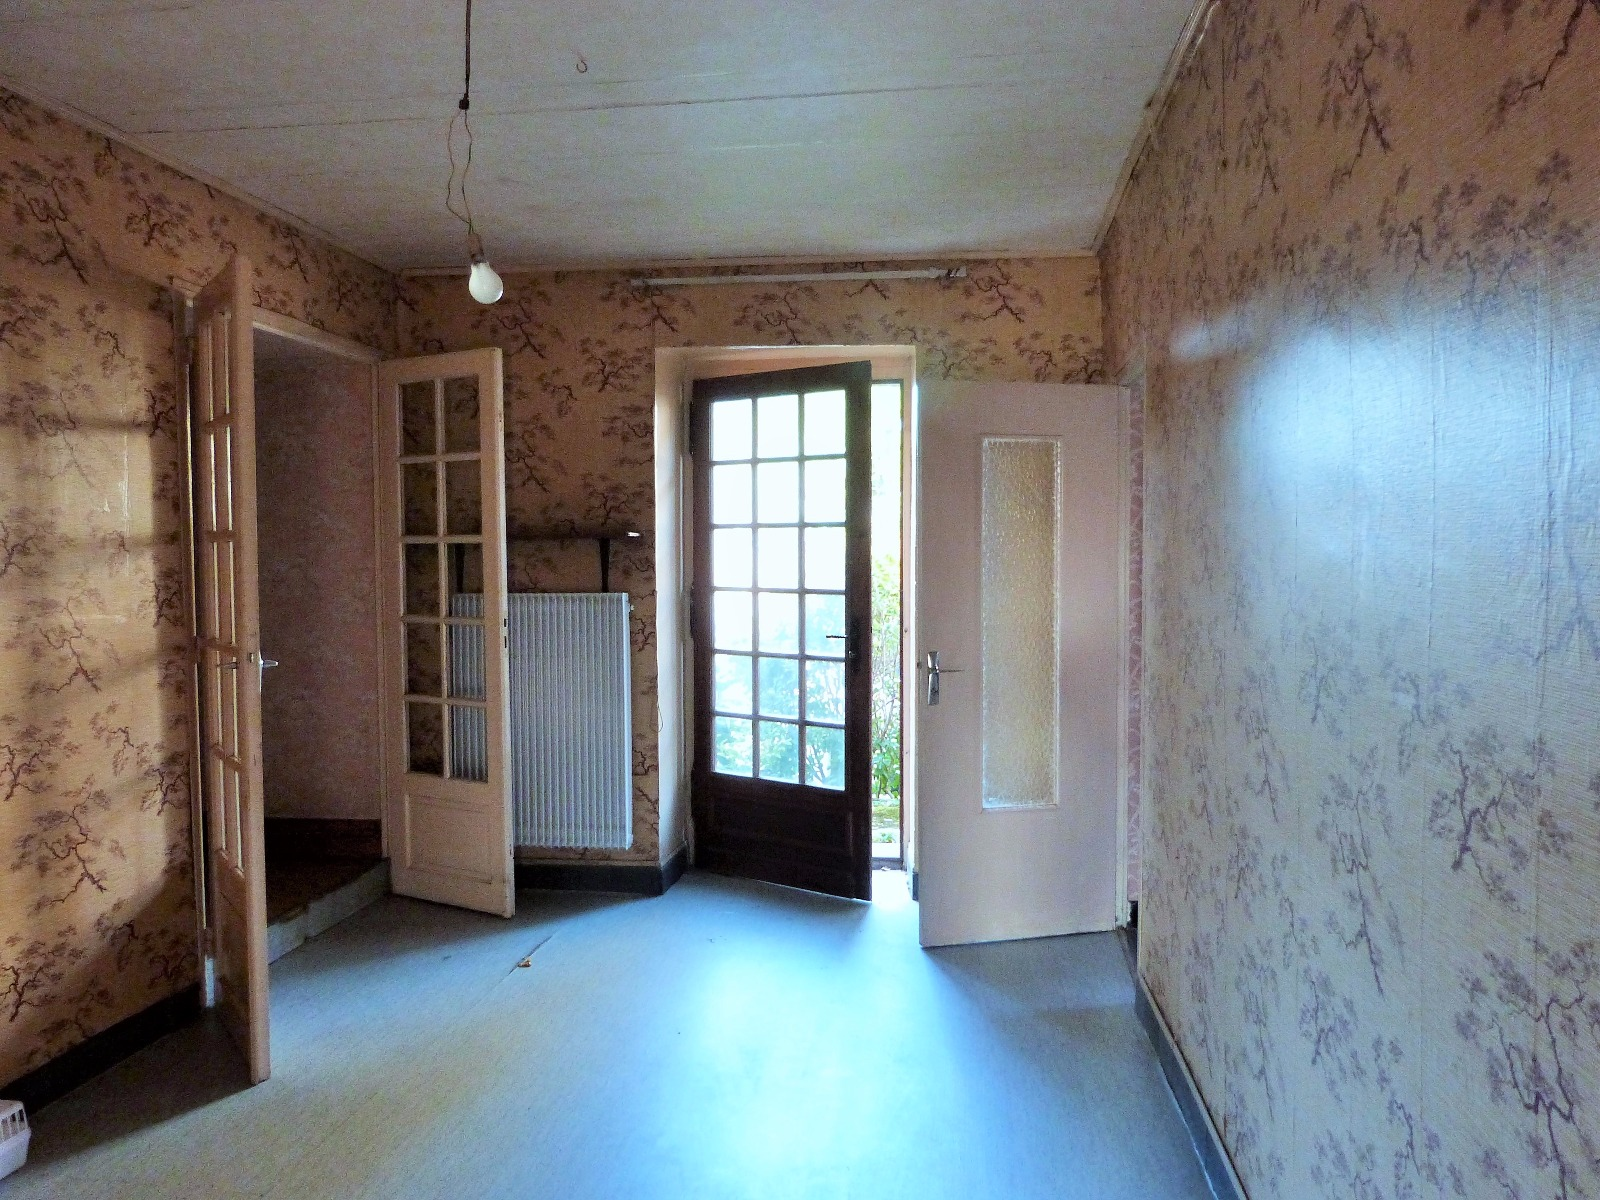 Lons le saunier 11km vends maison r nover avec cachet sans terrain possibilit 2 - Garage thevenod lons le saunier ...